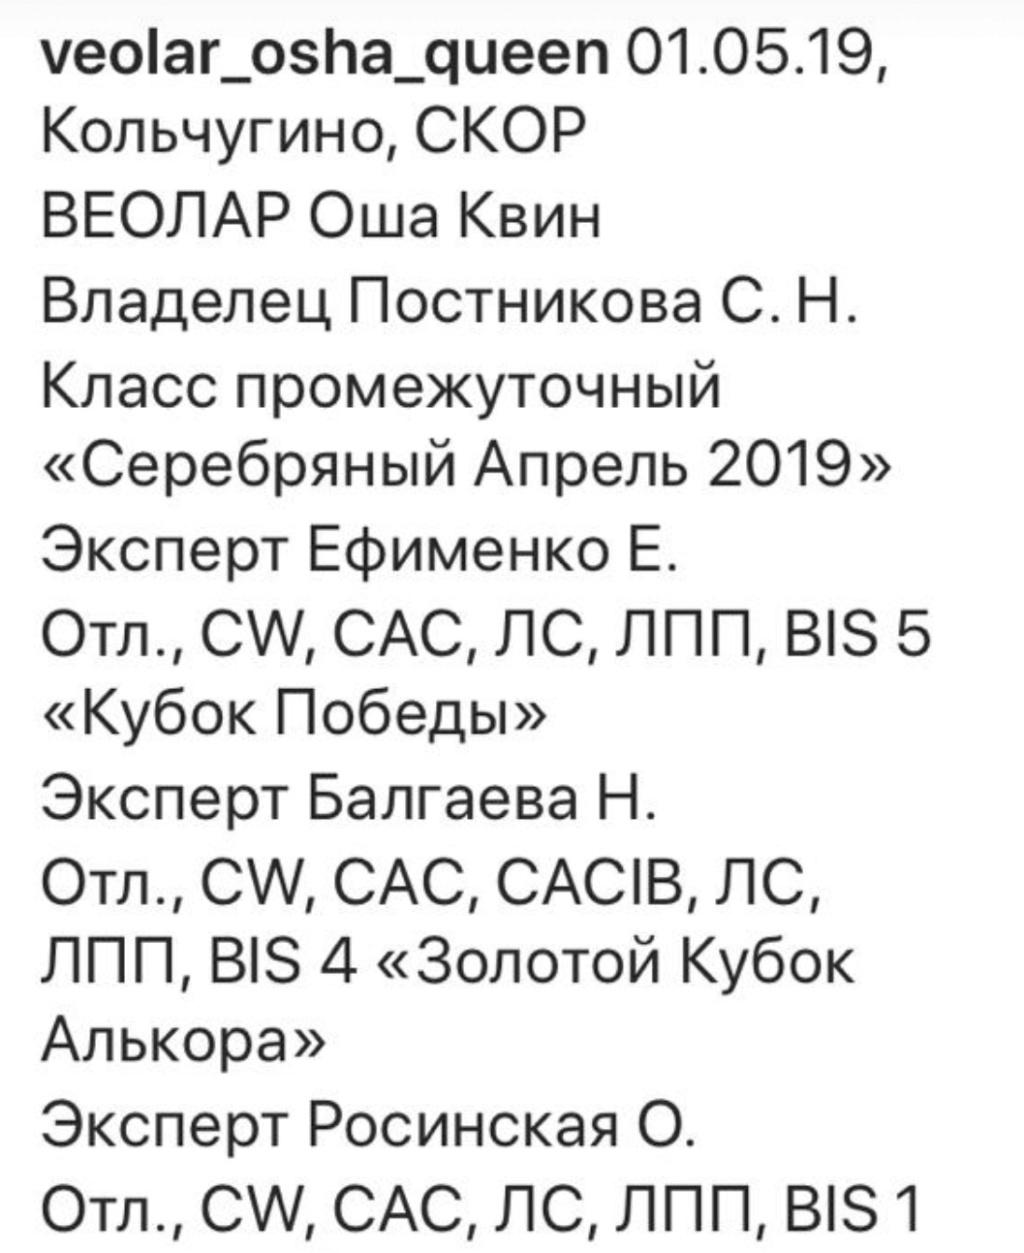 ВОСТОЧНО-ЕВРОПЕЙСКАЯ ОВЧАРКА ВЕОЛАР ОША КВИН Screen24